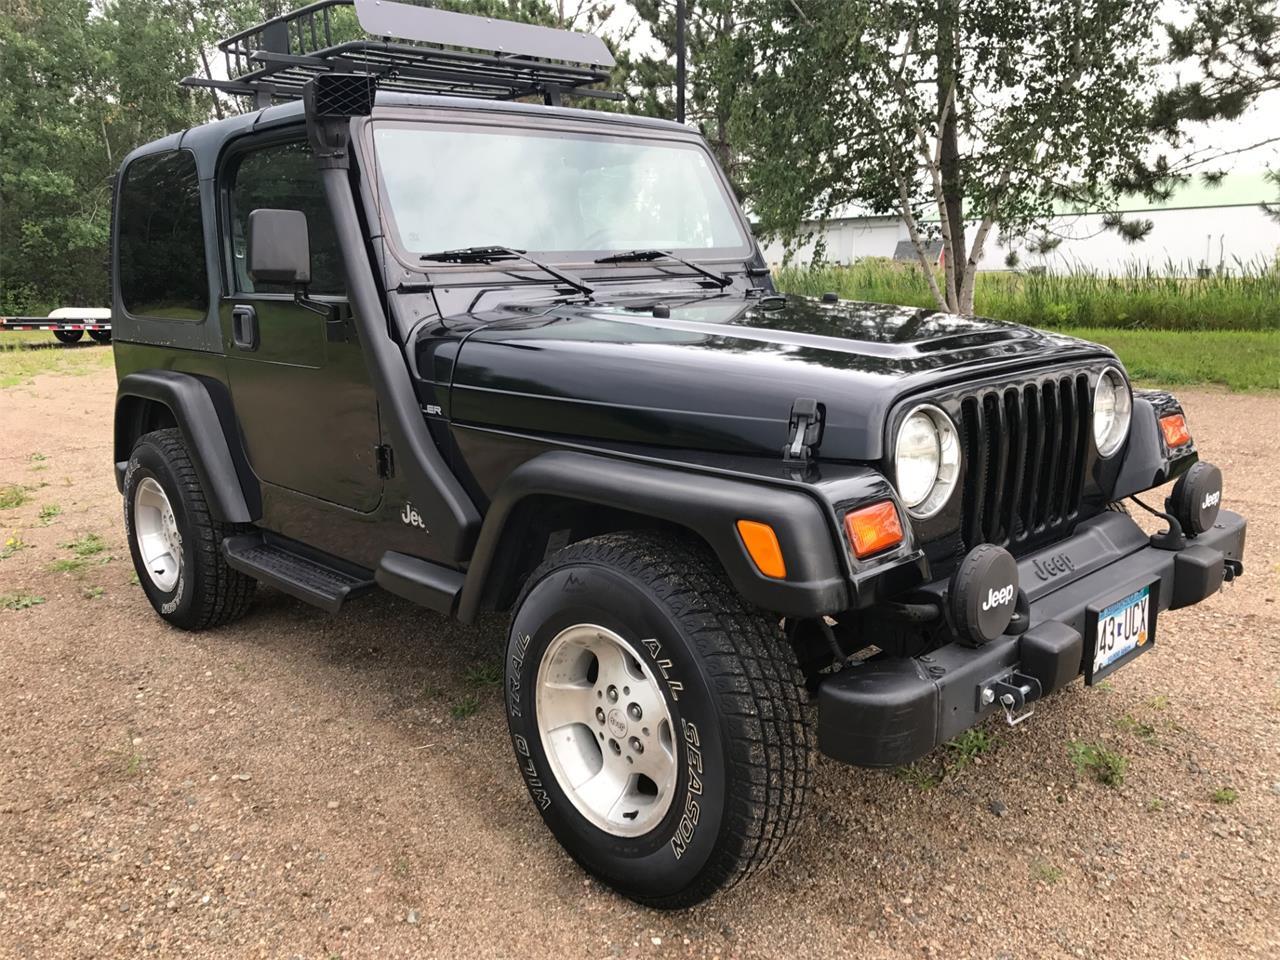 1999 Jeep Wrangler For Sale >> 1999 Jeep Wrangler For Sale Classiccars Com Cc 1001828